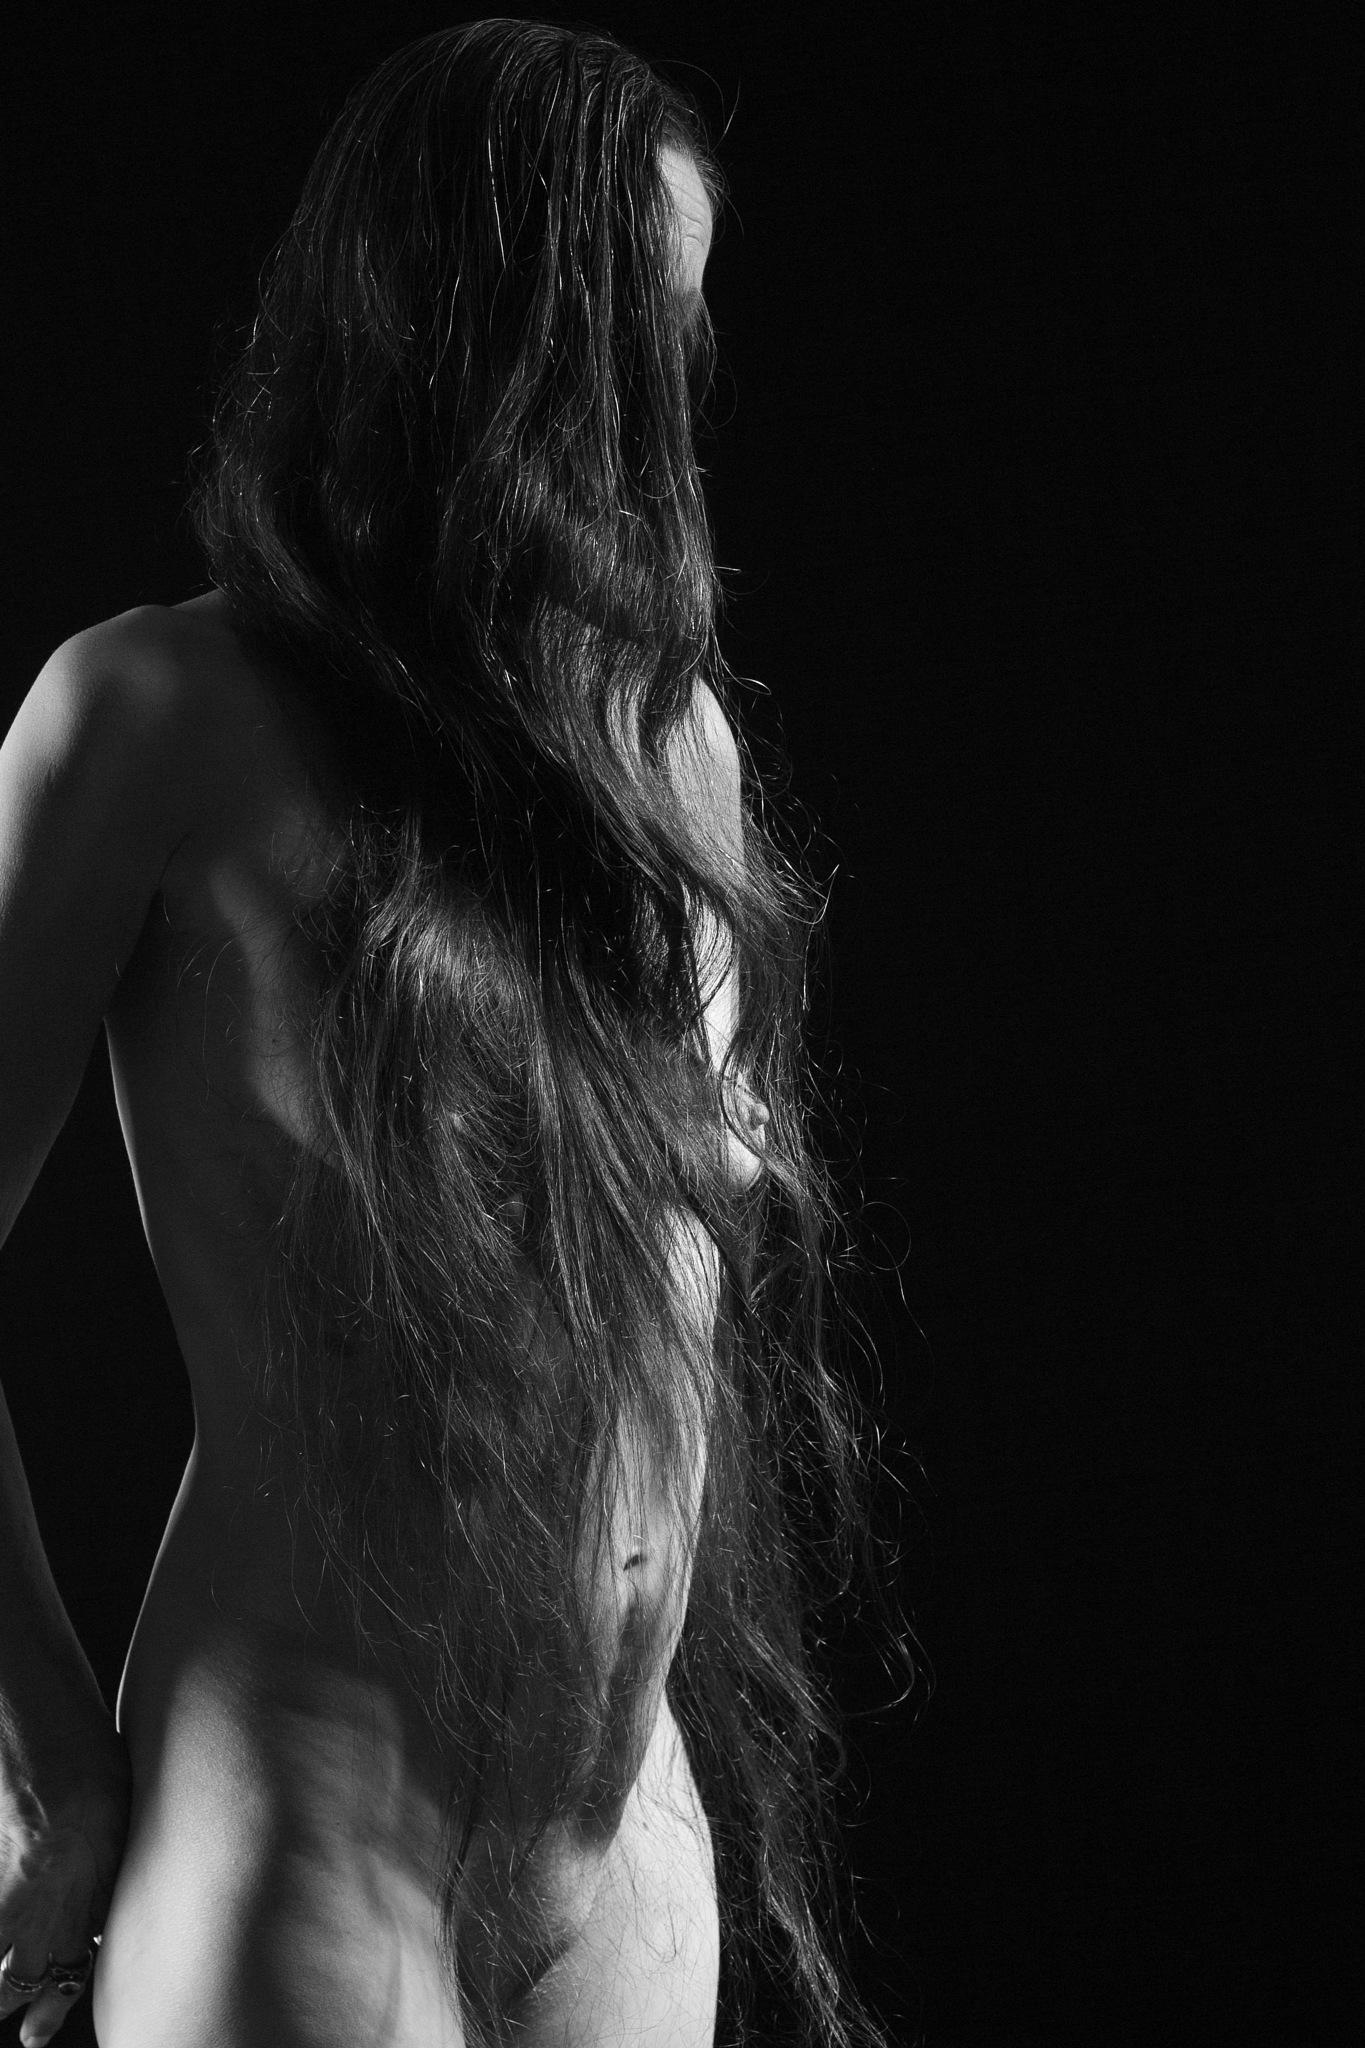 Hair by ulrich.grolla